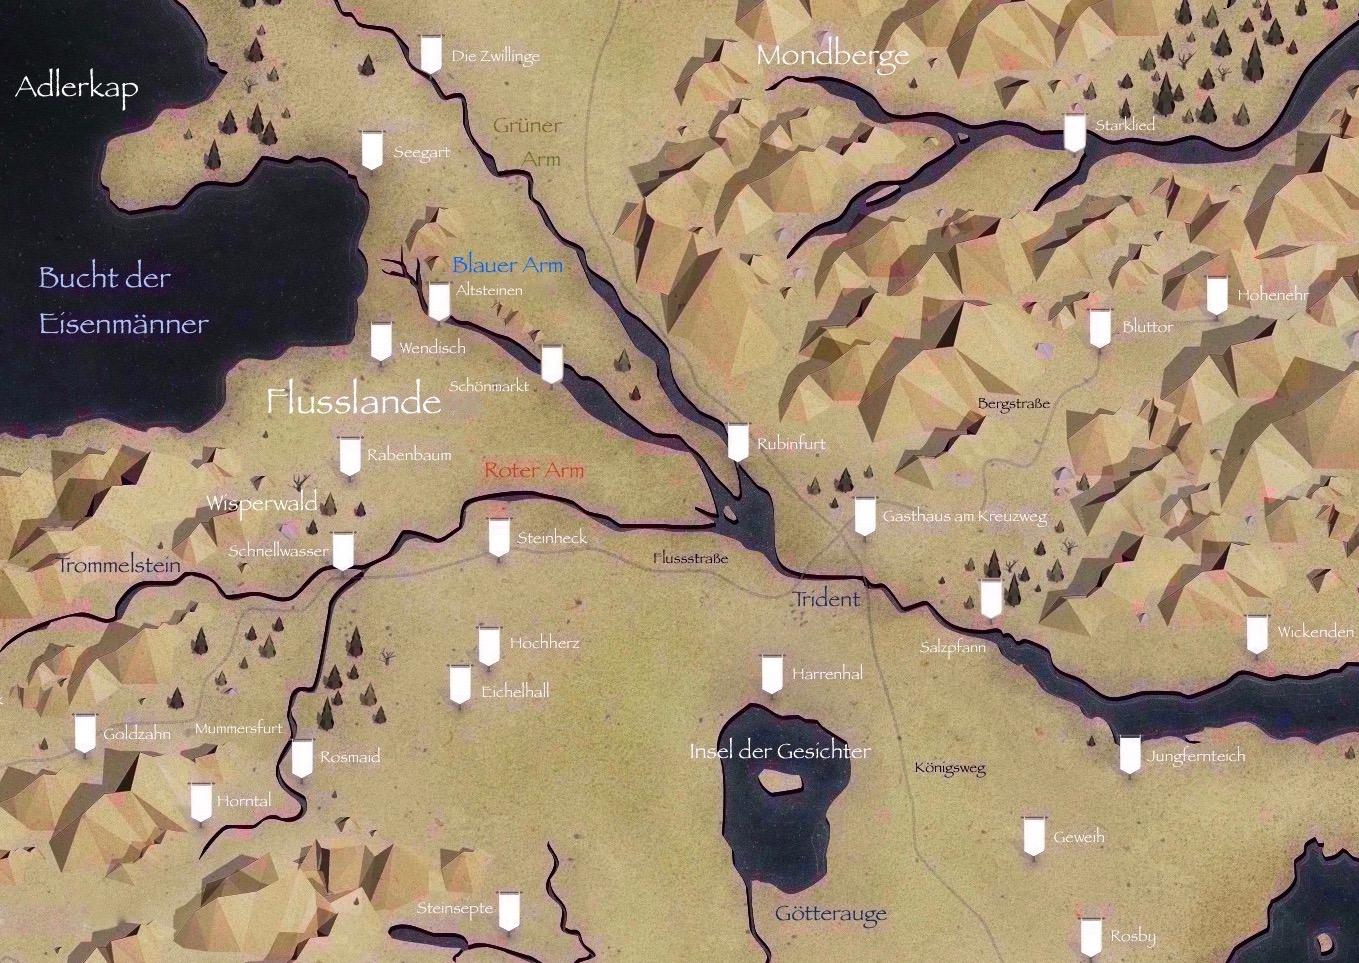 Got Karte Norden.Flusslande Game Of Thrones Wiki Fandom Powered By Wikia